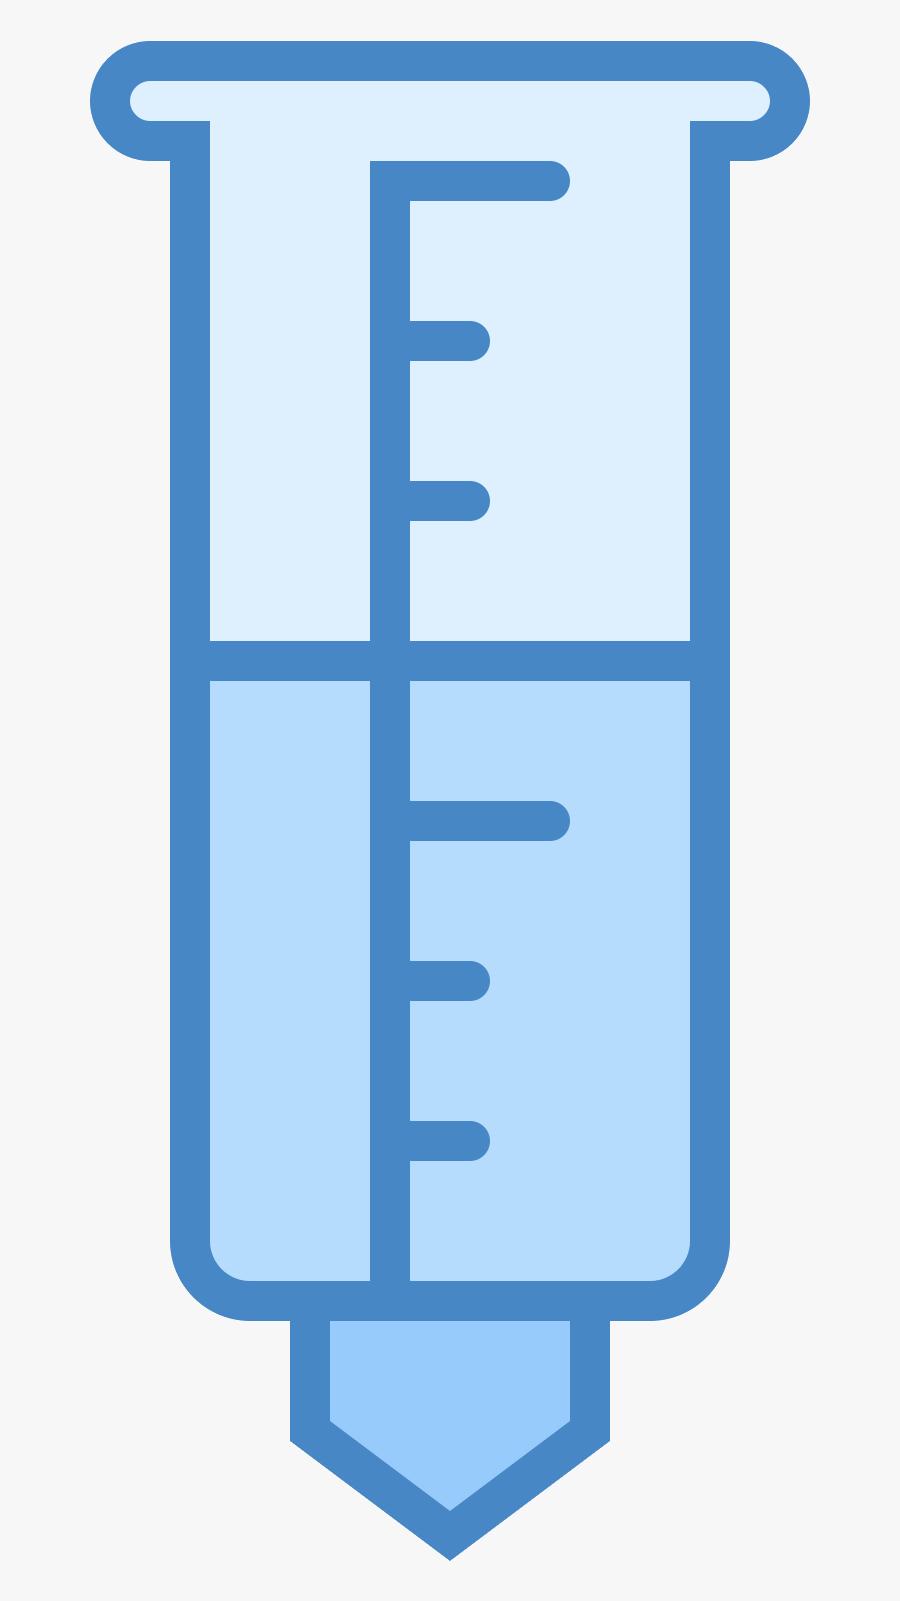 Rain Gauge Icon - Rain Gauge Transparent Background, Transparent Clipart